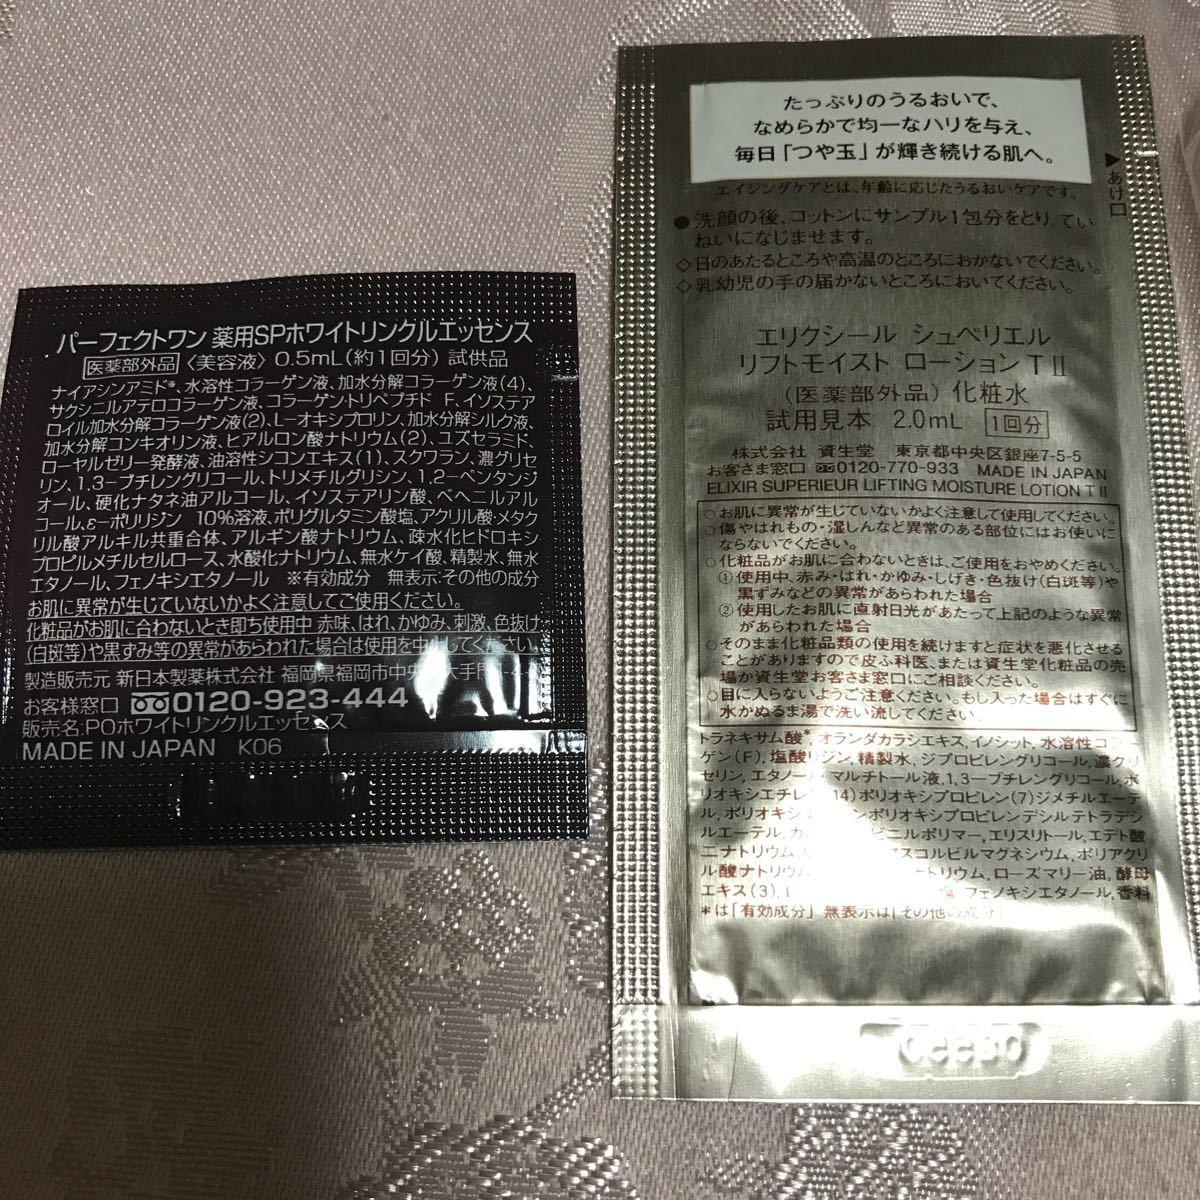 パーフェクトワン 薬用 ホワイトリンクルエッセンス エリクシール 化粧水 ファンデーション